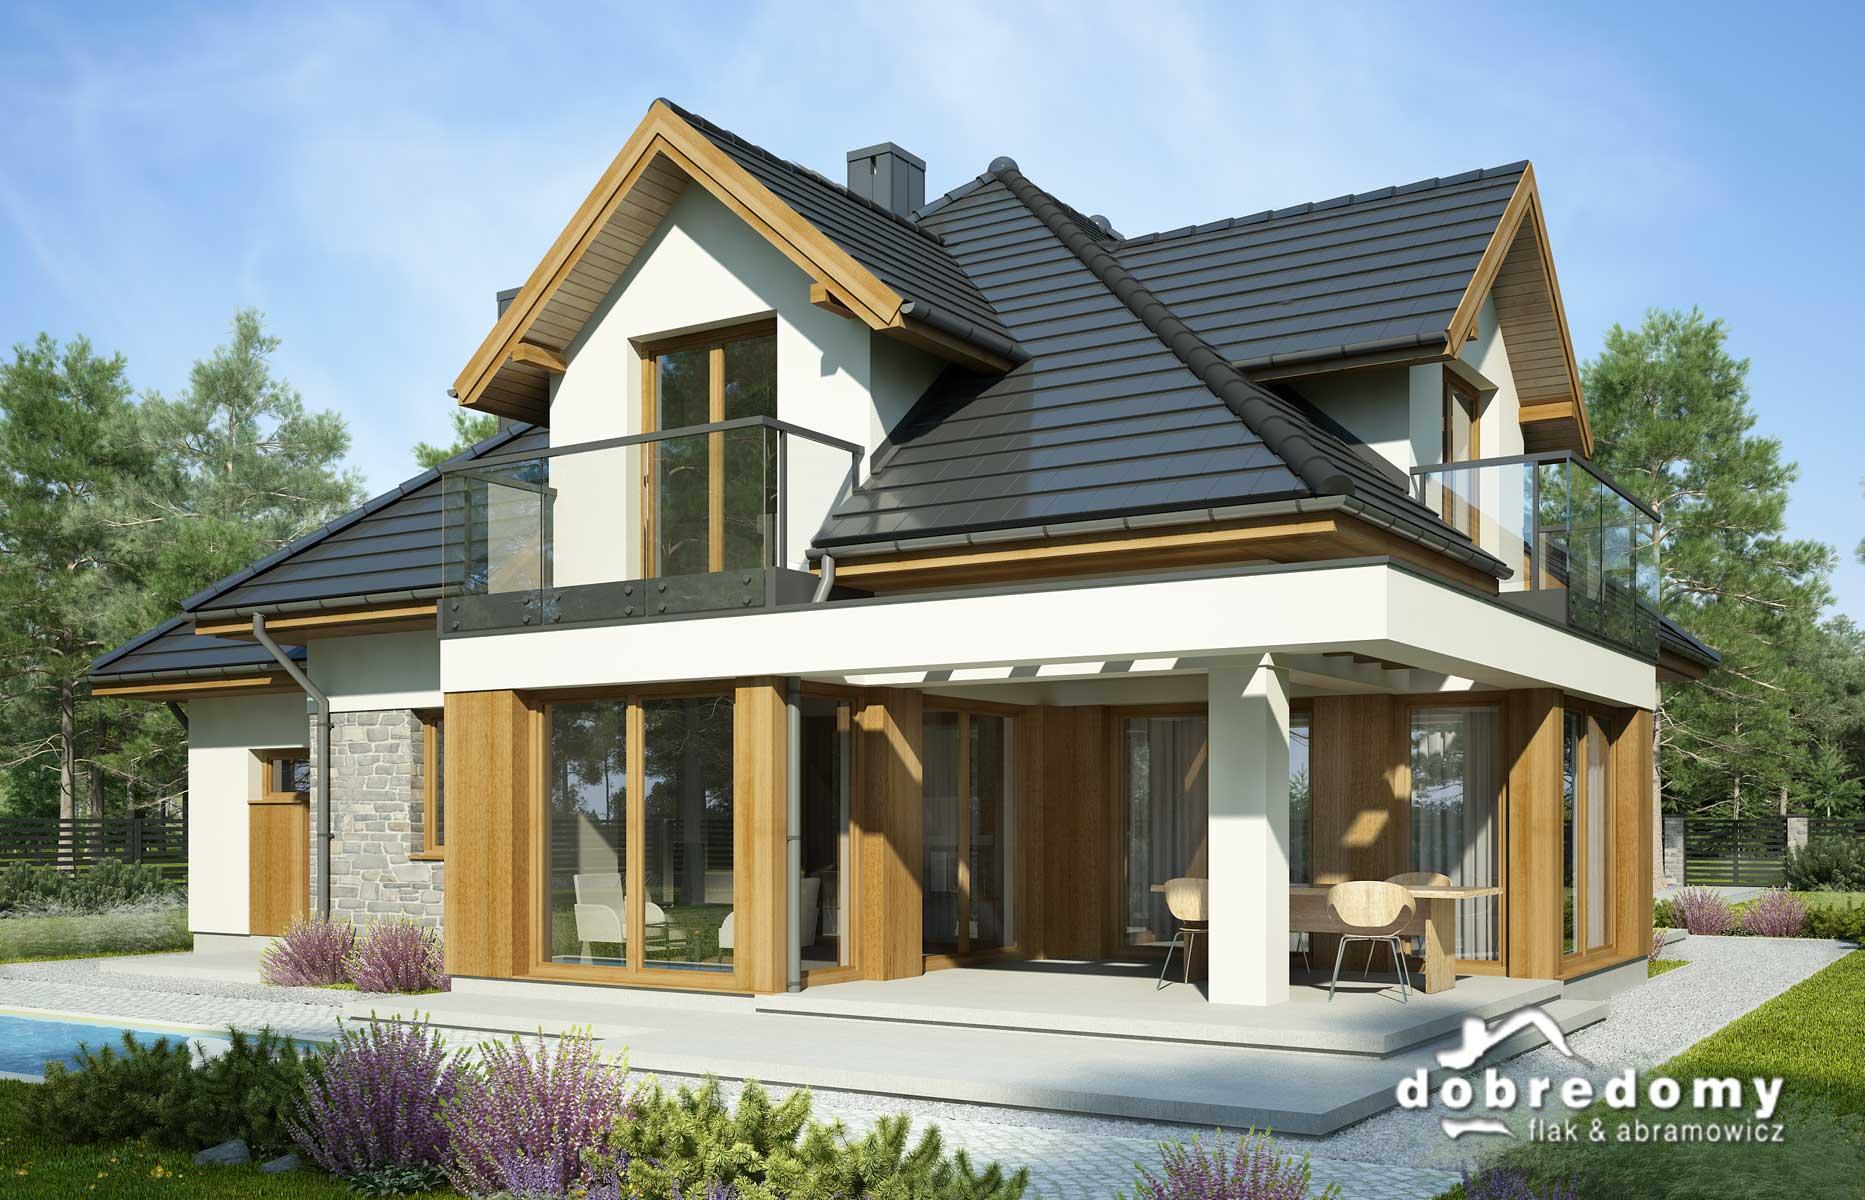 Co trzeba wiedzieć, żeby dobrze sprzedać dom?